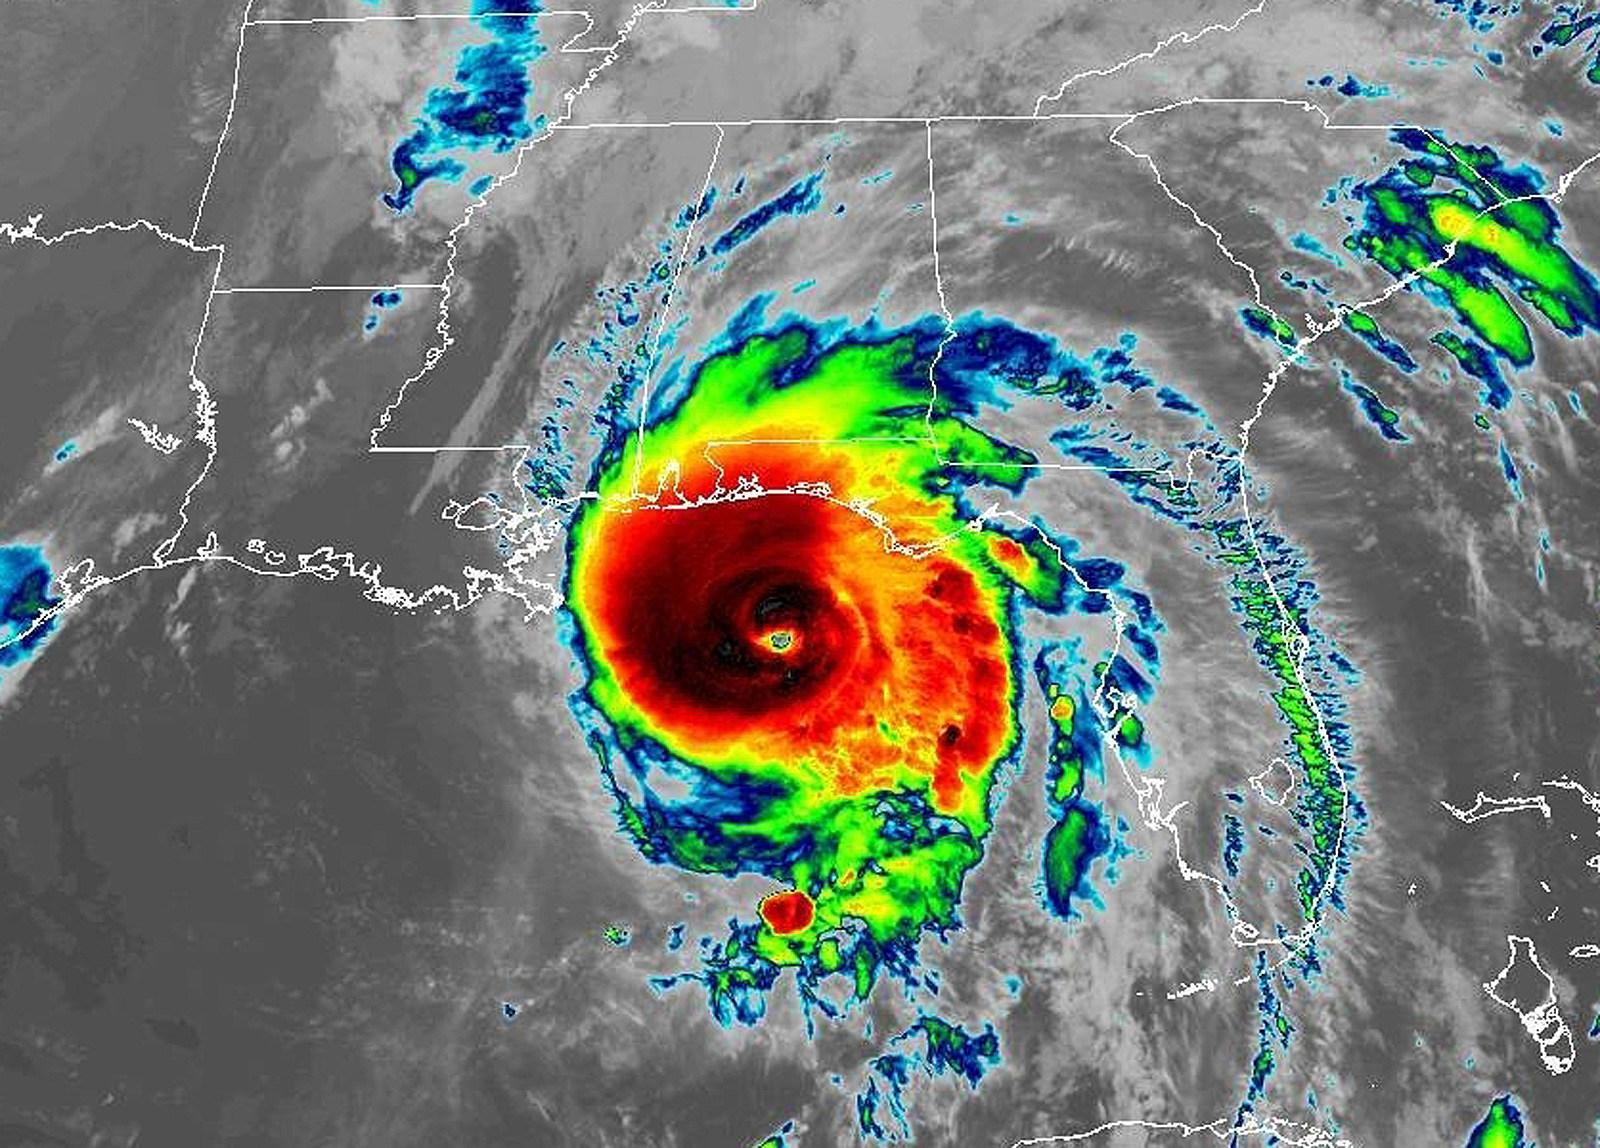 Satellite view of Hurricane Michael